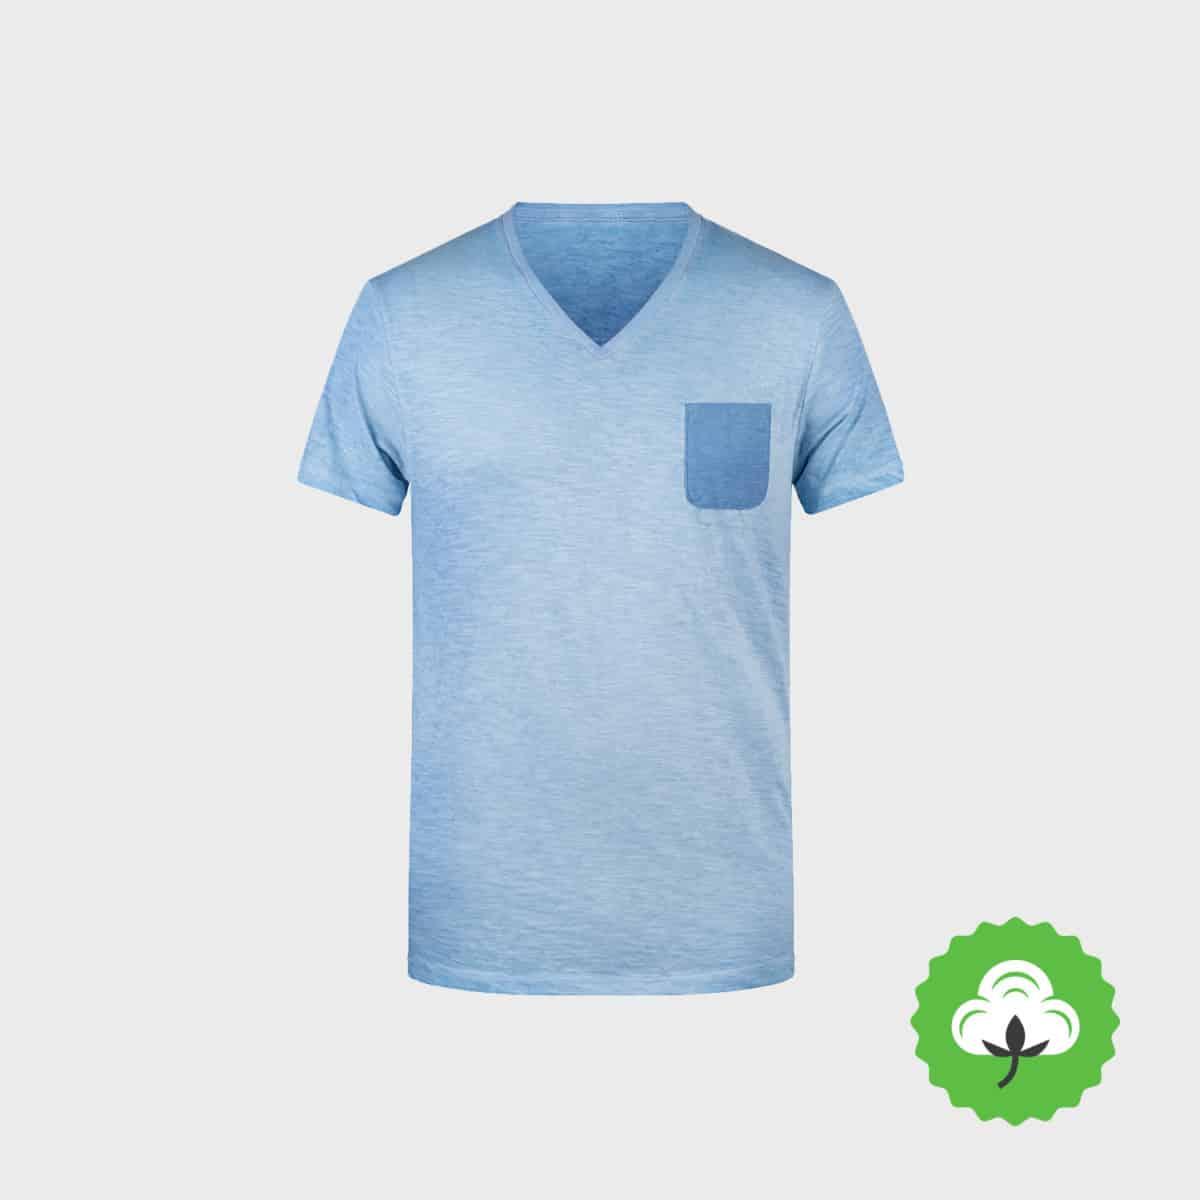 Bio-Slub-Shirt-besticken-bedrucken